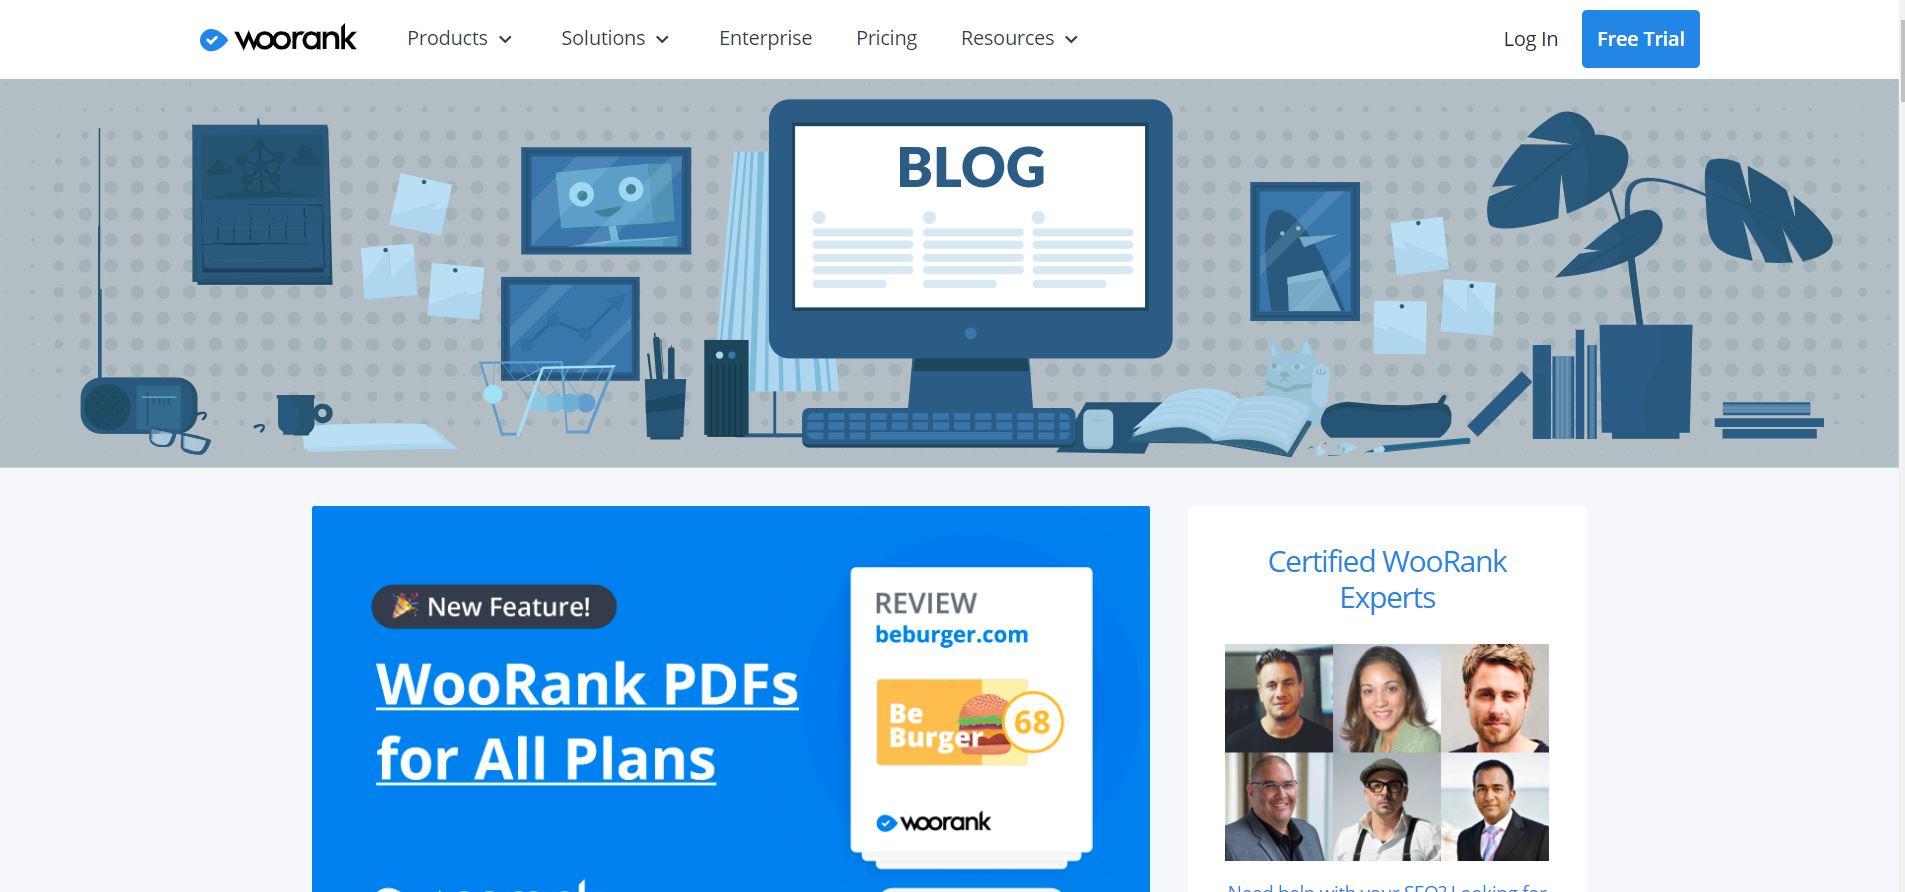 Woorank Blog